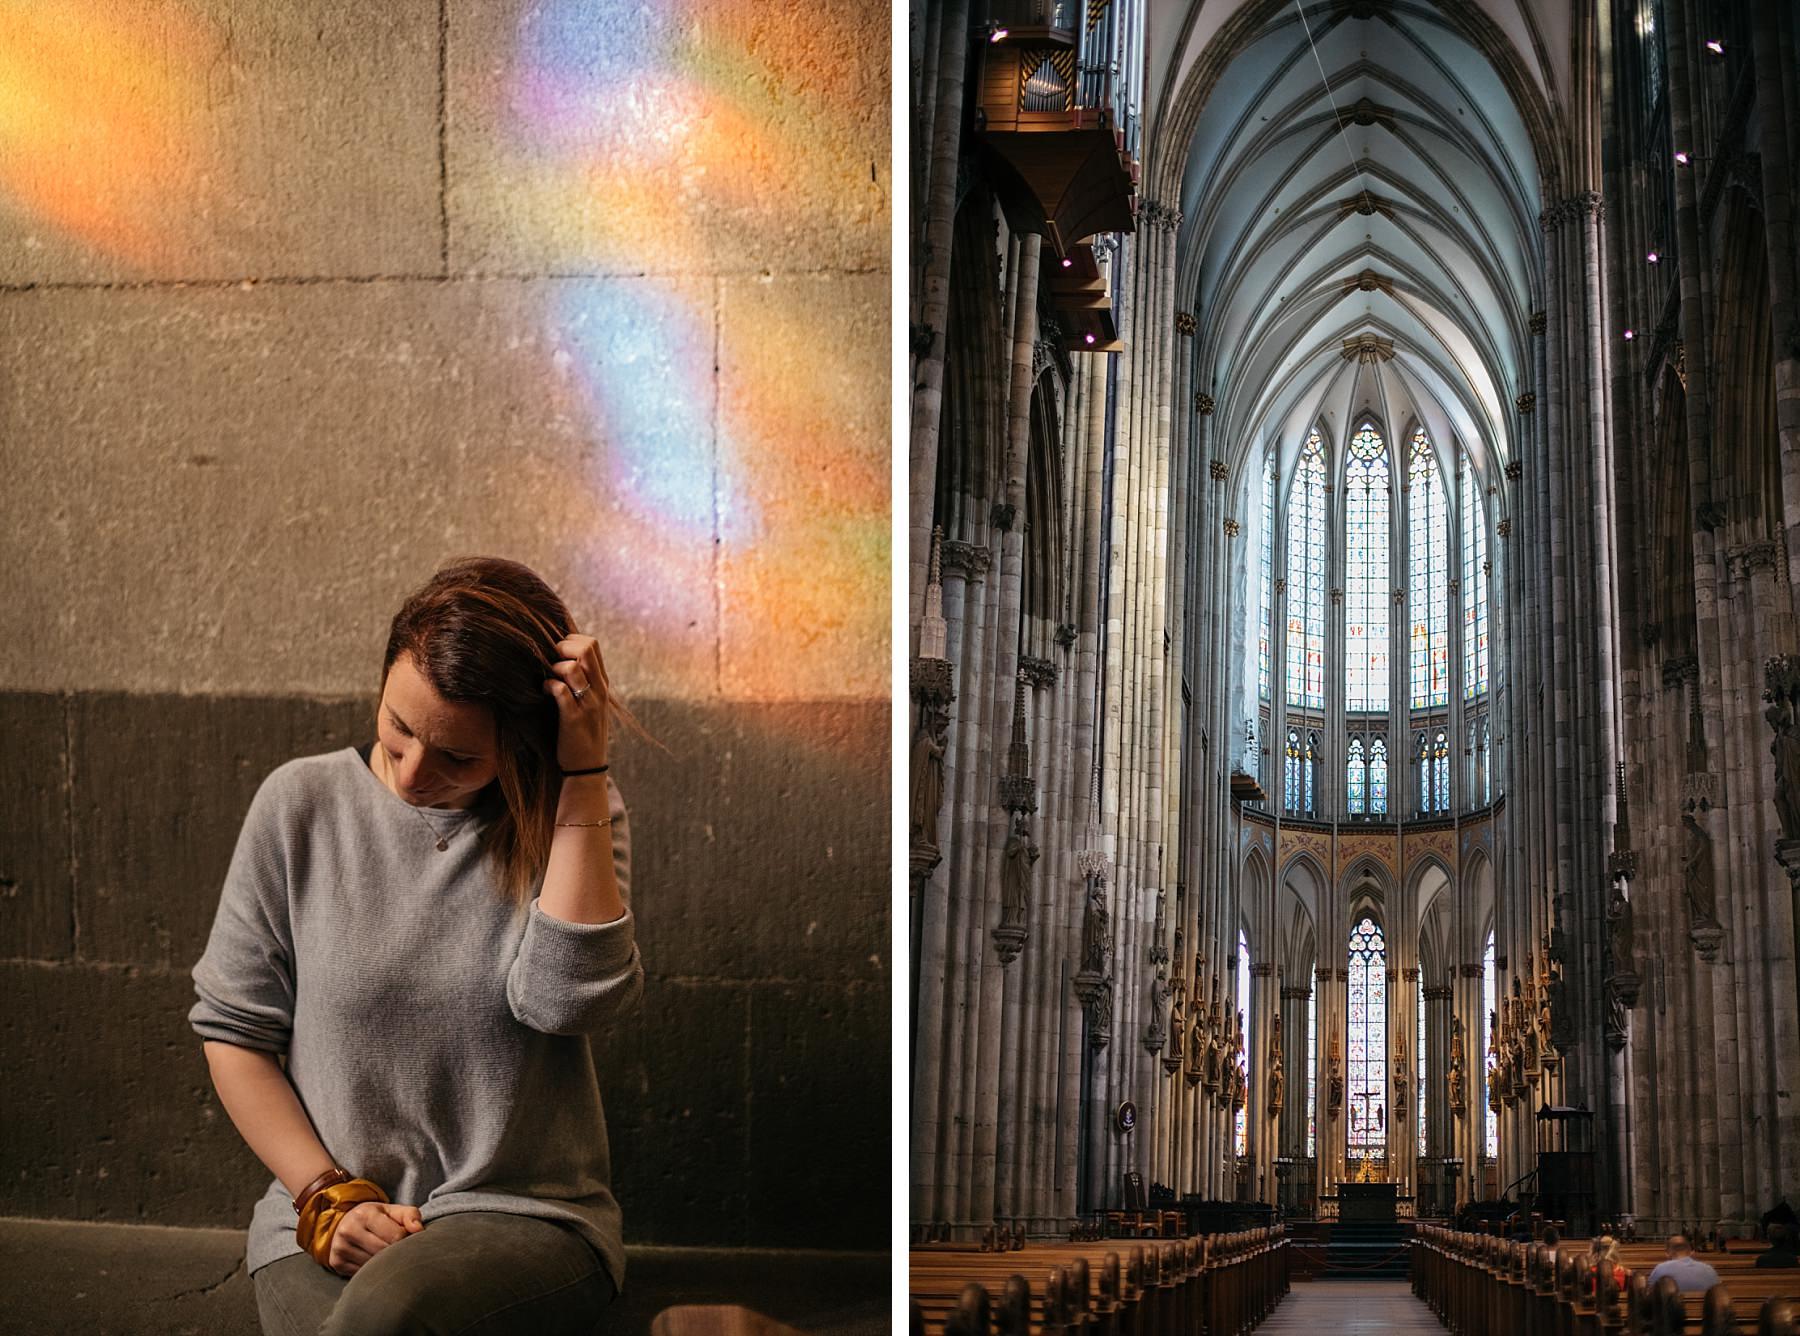 Cologne cathédrale vue intérieure